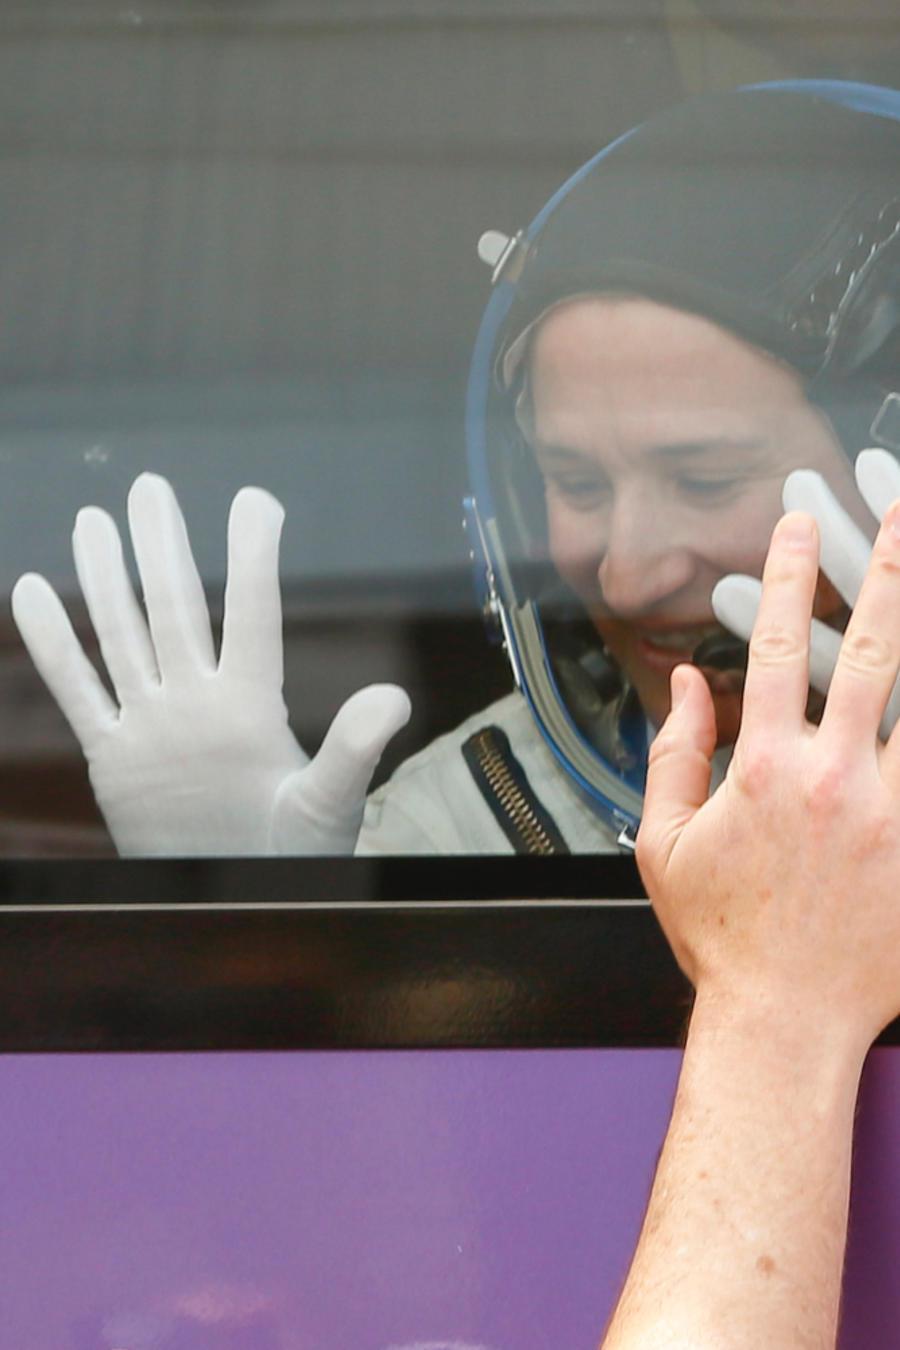 La astronauta Serena Aunon-Chancellor se despide en junio antes del despegue de la nave Soyuz (a la izquierda).